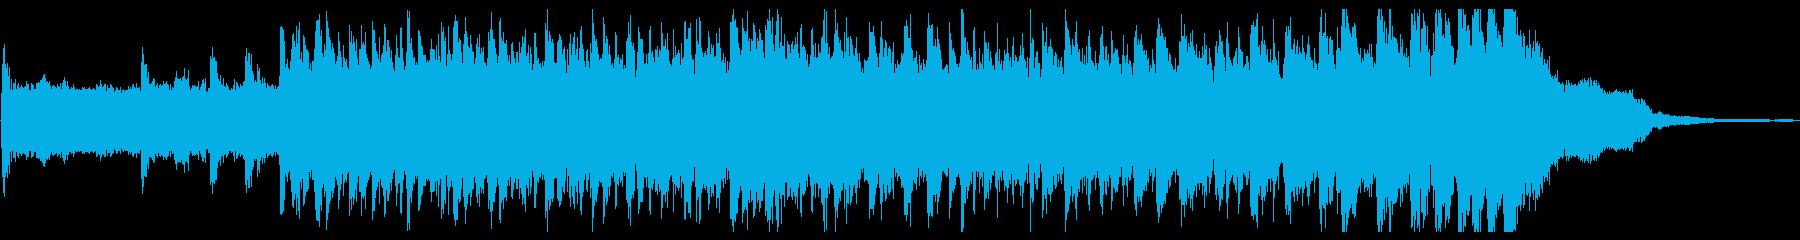 変拍子と転調が特徴のシンセメロジングルの再生済みの波形